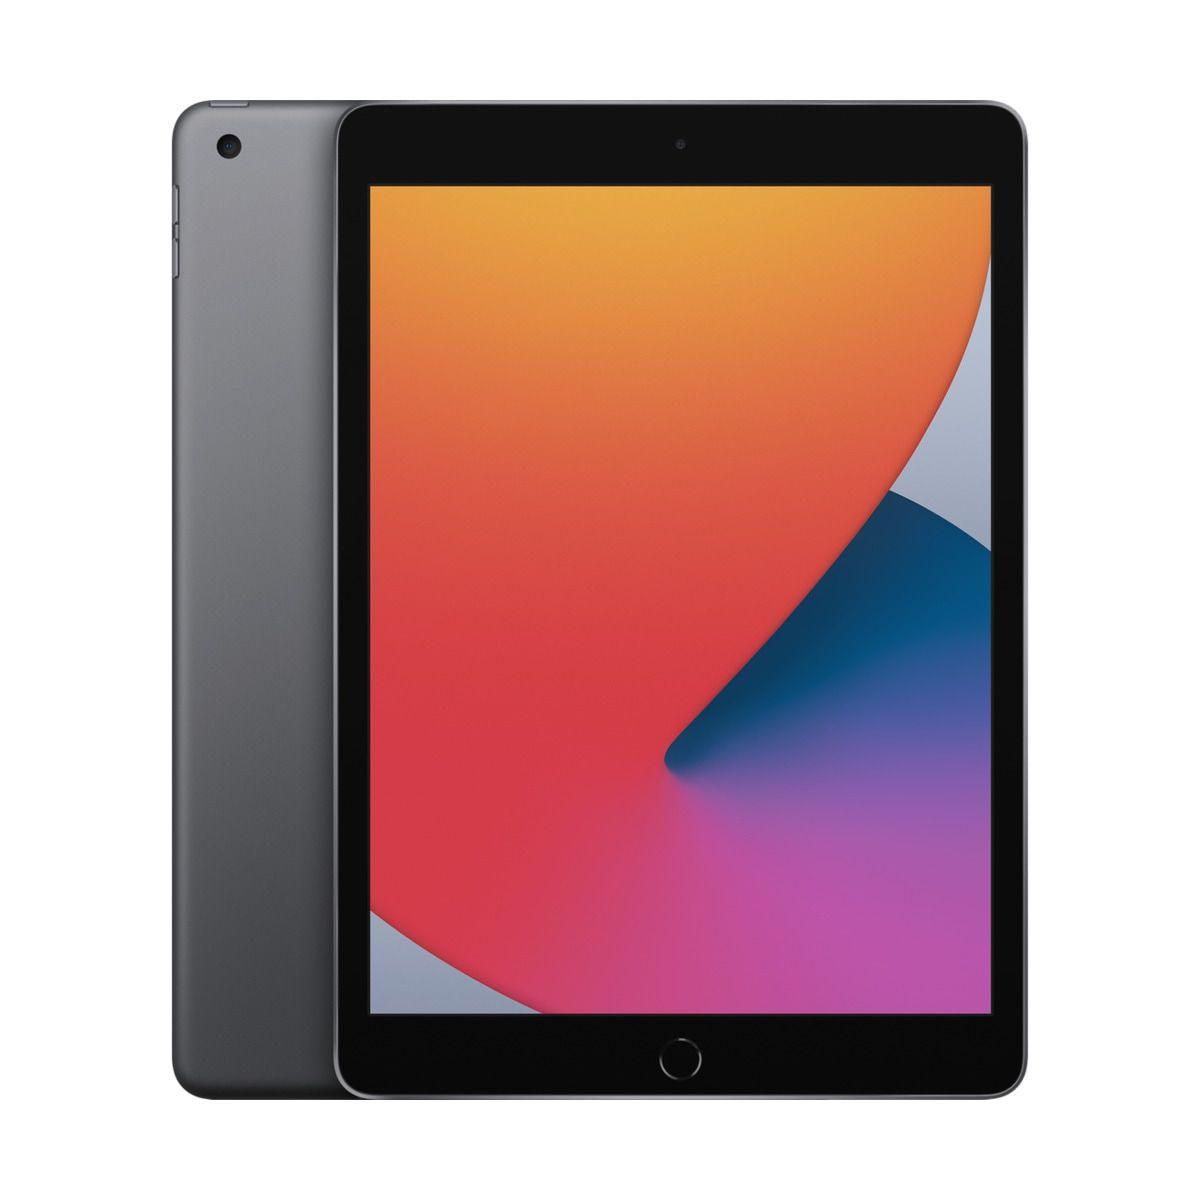 Apple iPad Wi-Fi 32GB - Space Grey / SK